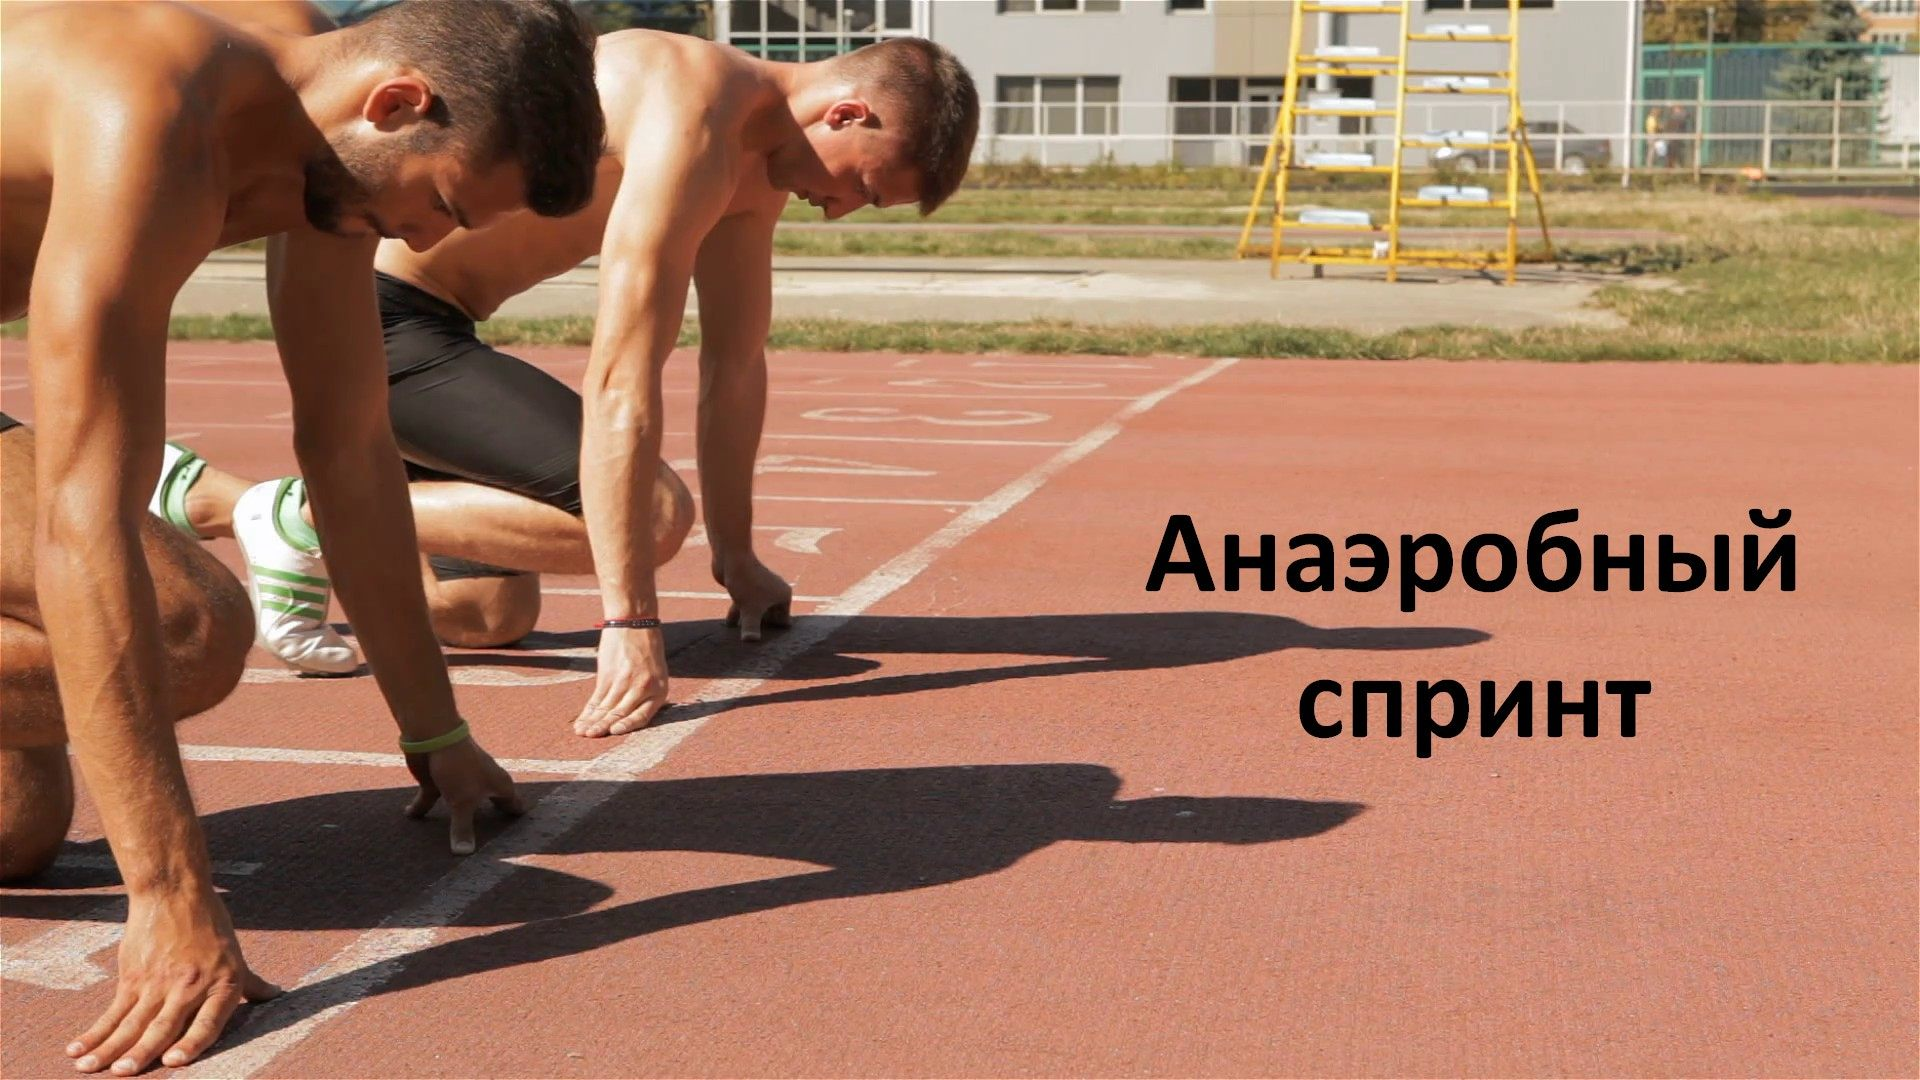 Анаэробный спринт